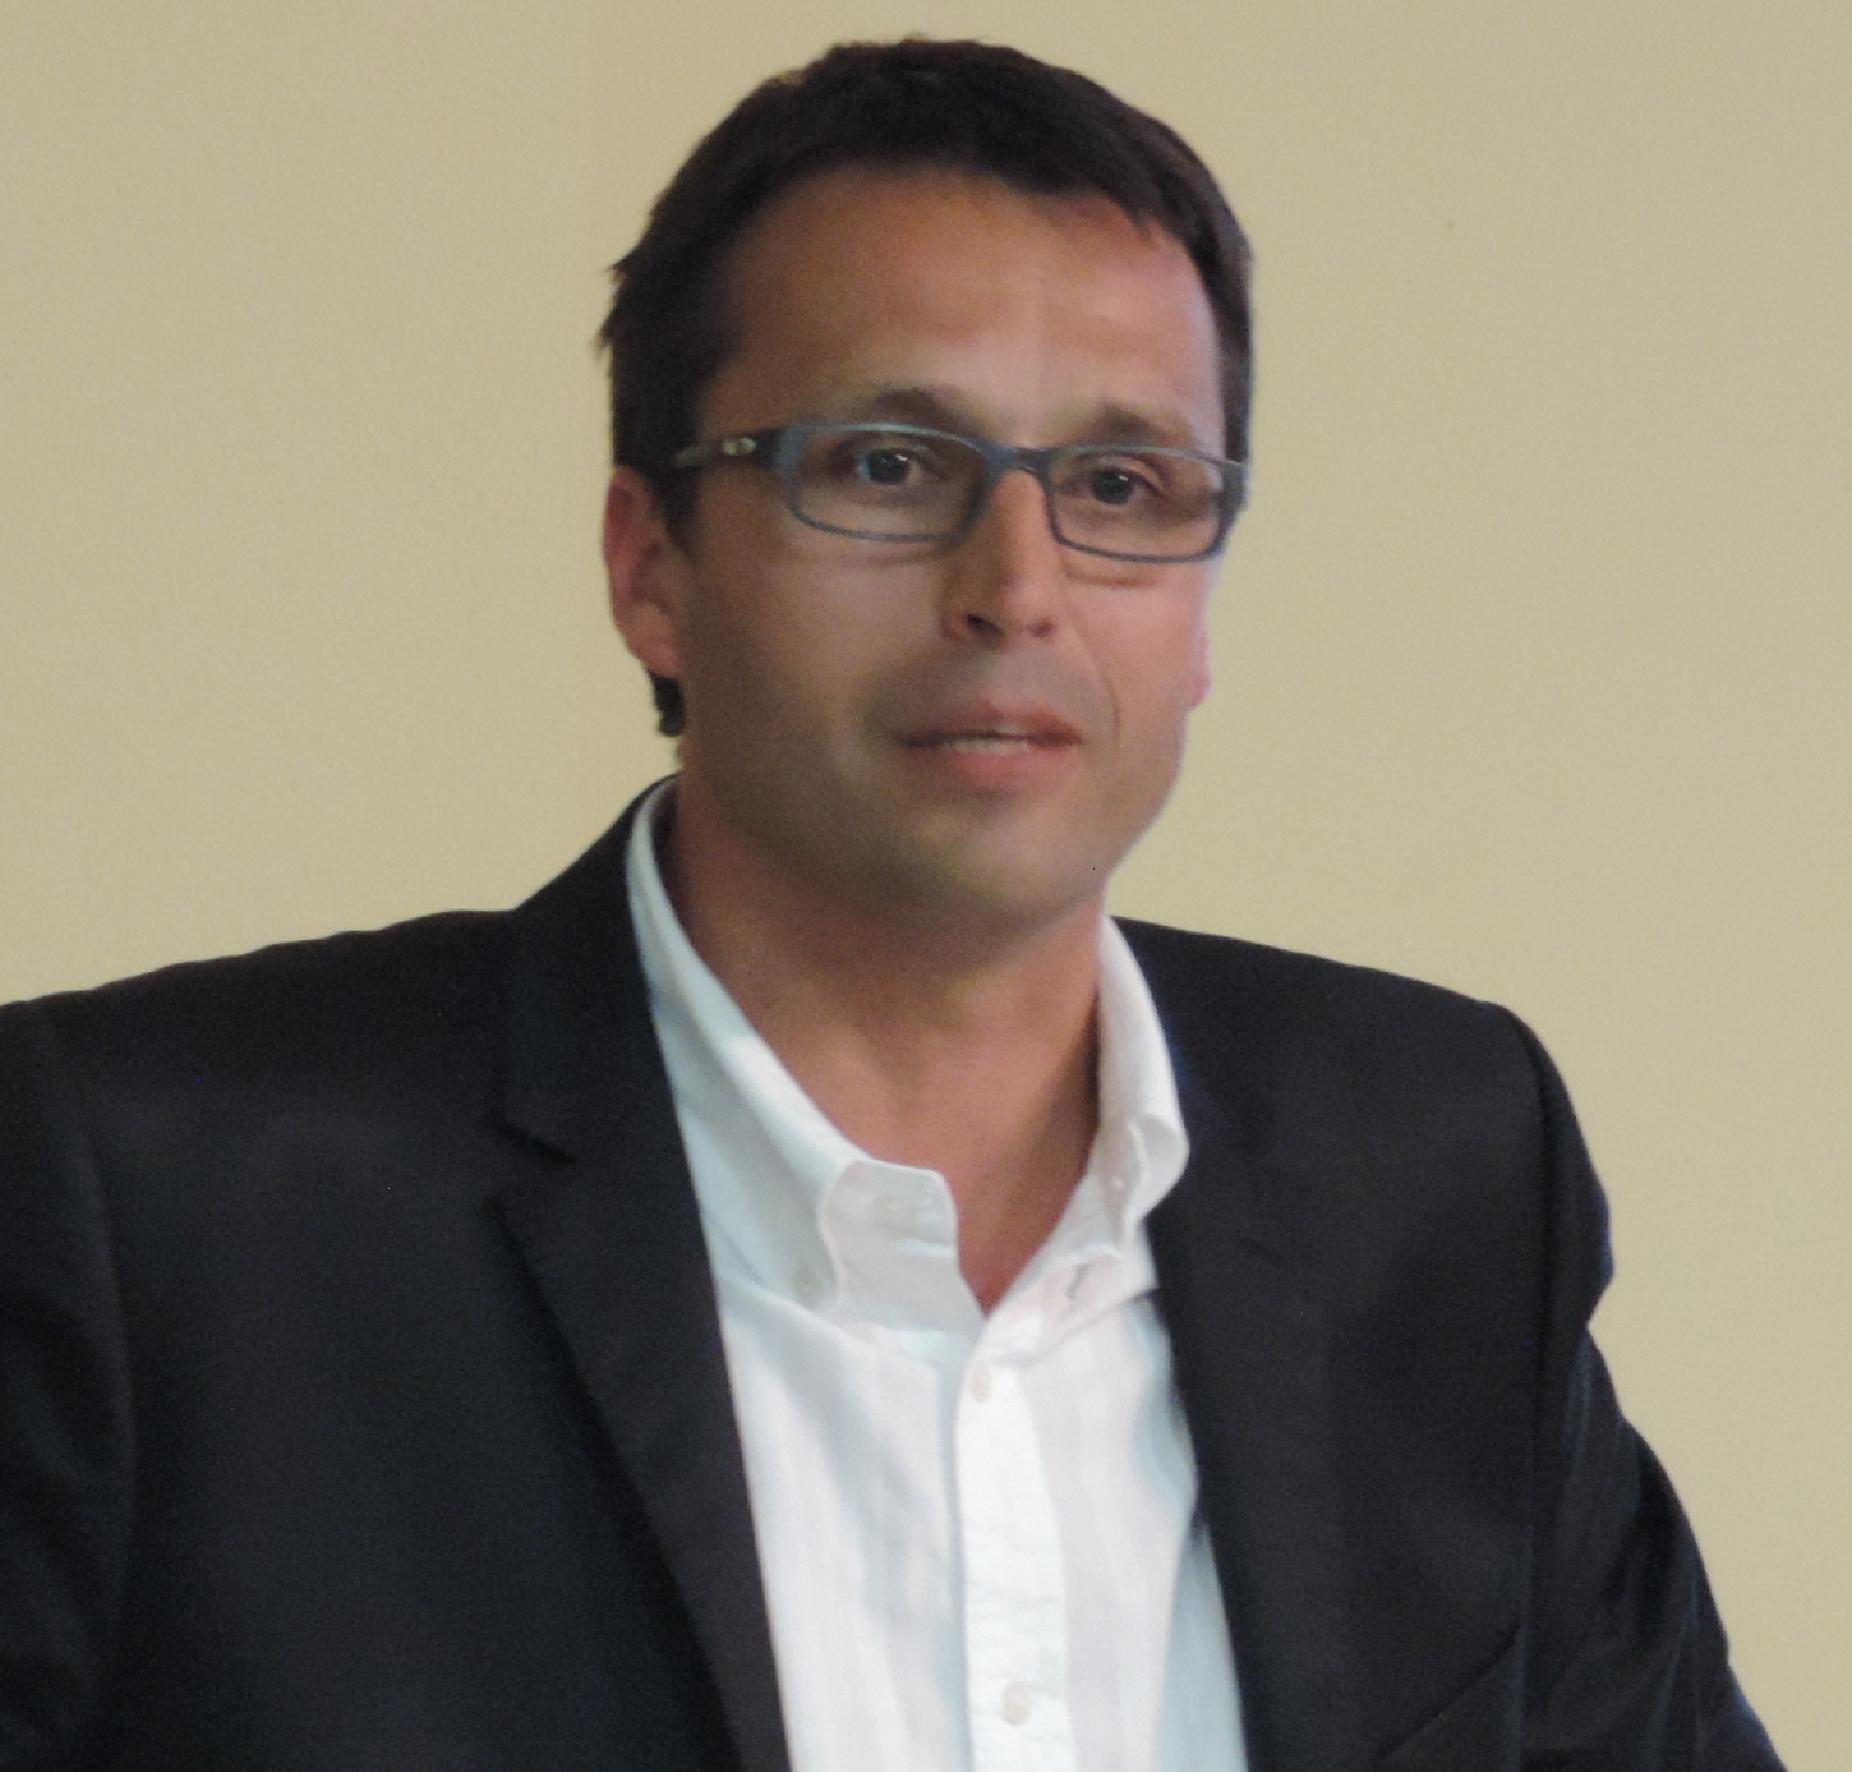 Franck Noel, directeur général de l'Association de Tourisme VTF, qui repose sur un modèle social et solidaire - Photo VTF